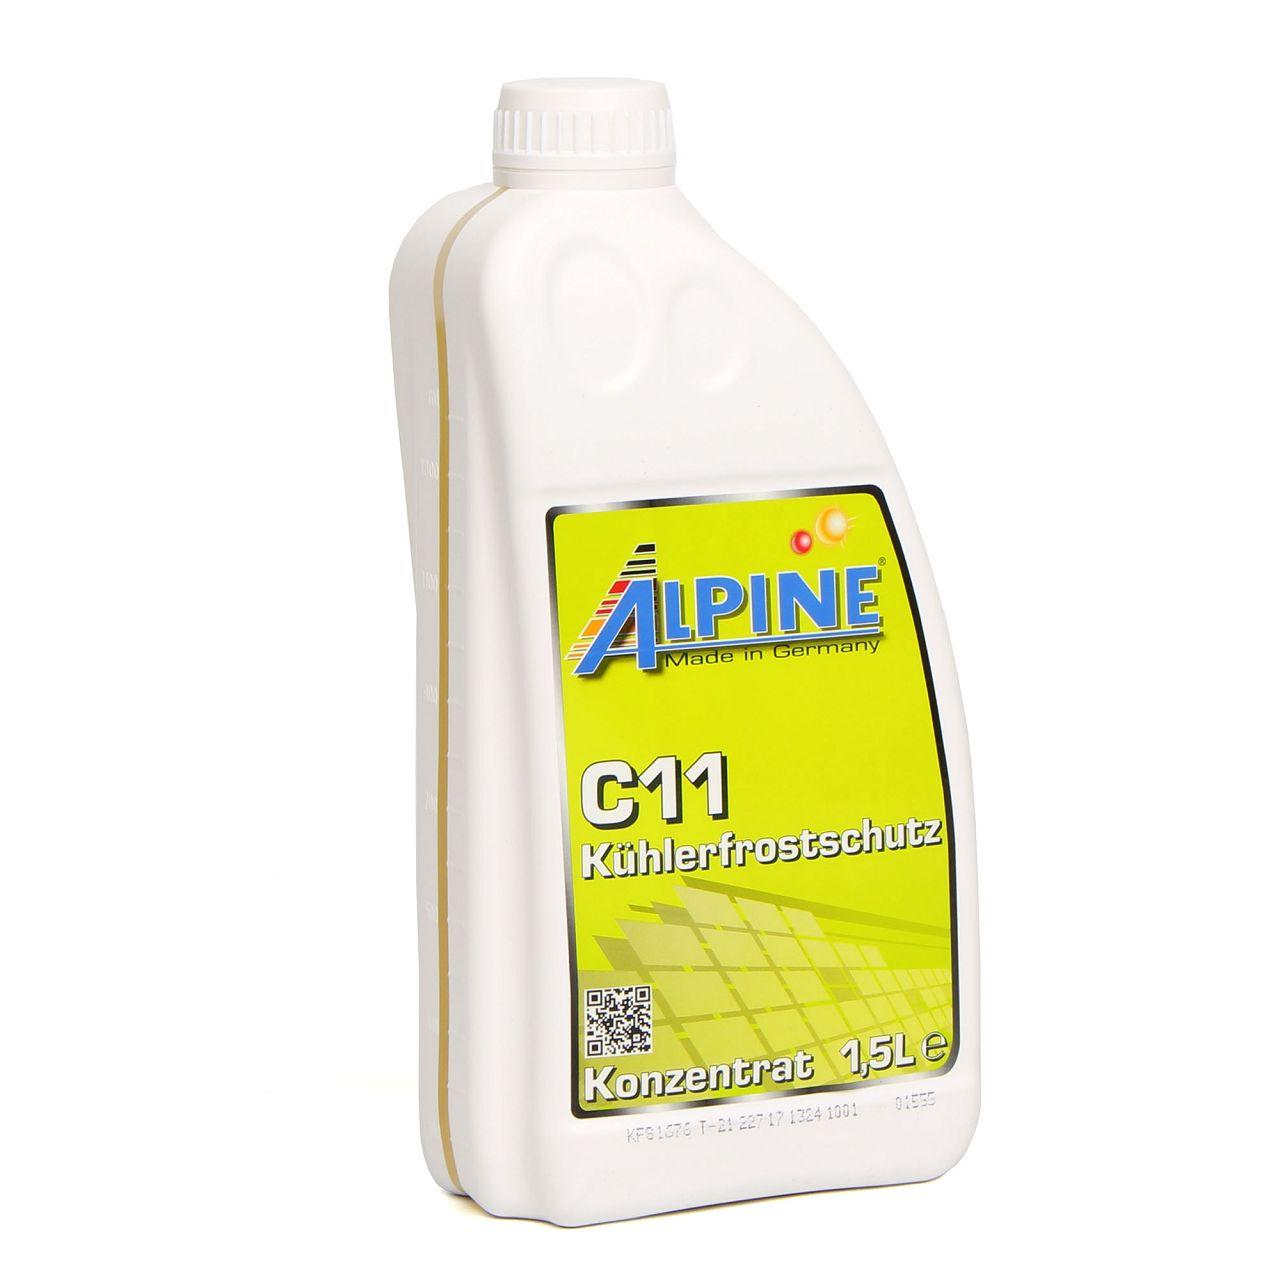 ALPINE Frostschutz Kühler Kühlerfrostschutz Konzentrat 1,5L C11 G11 GELB